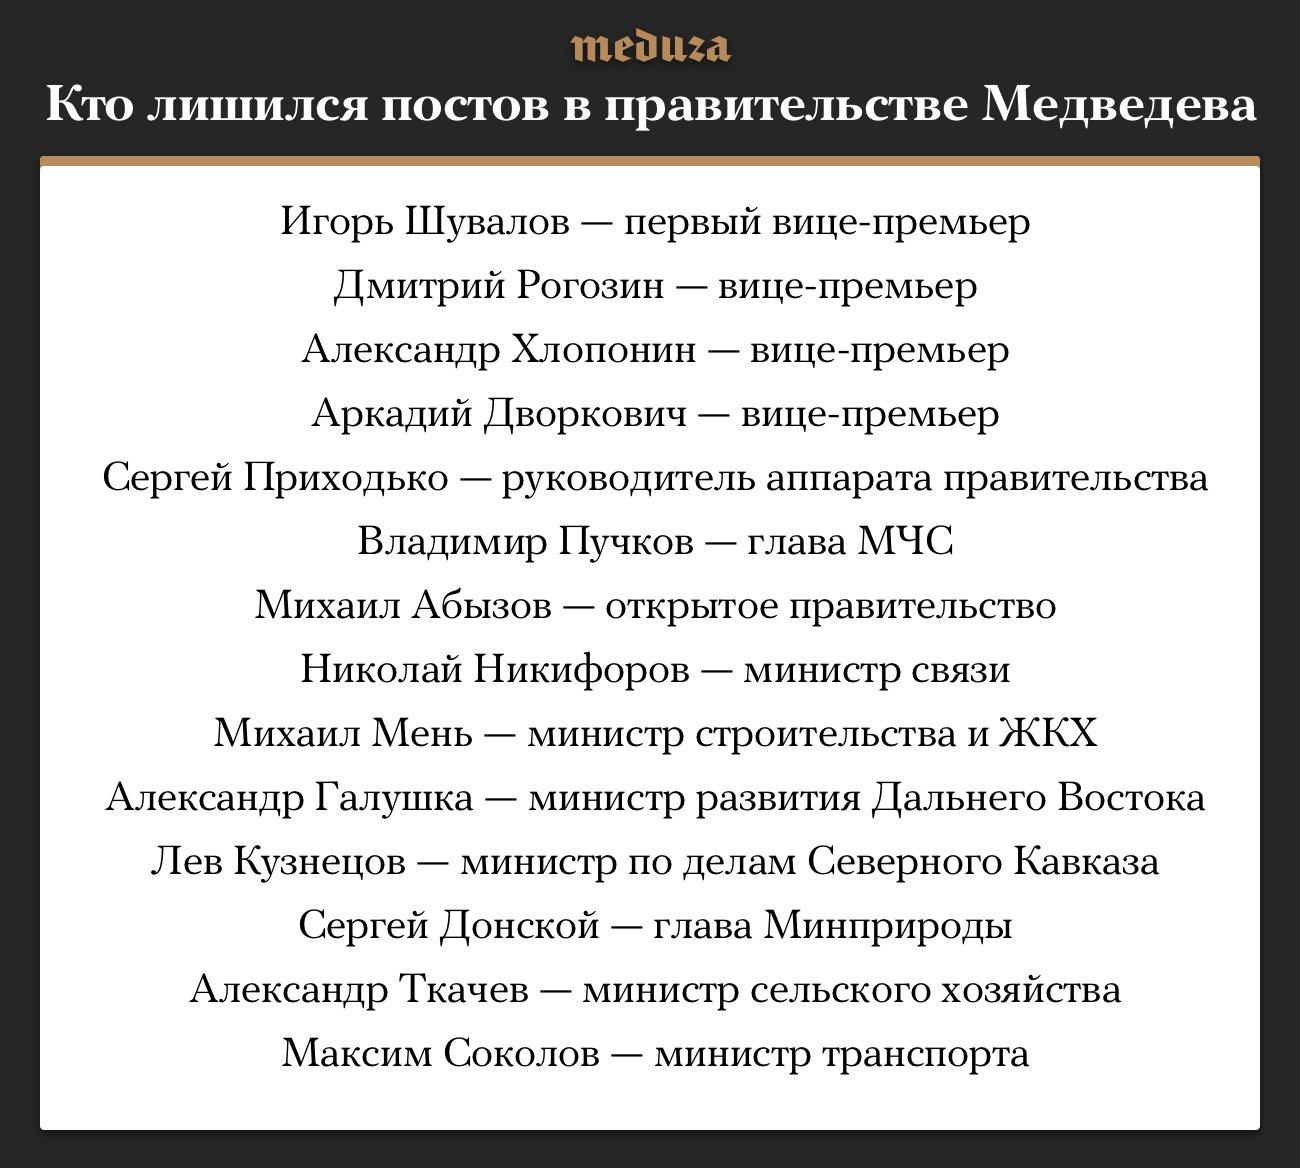 Кто лишился своих постов в правительстве РФ